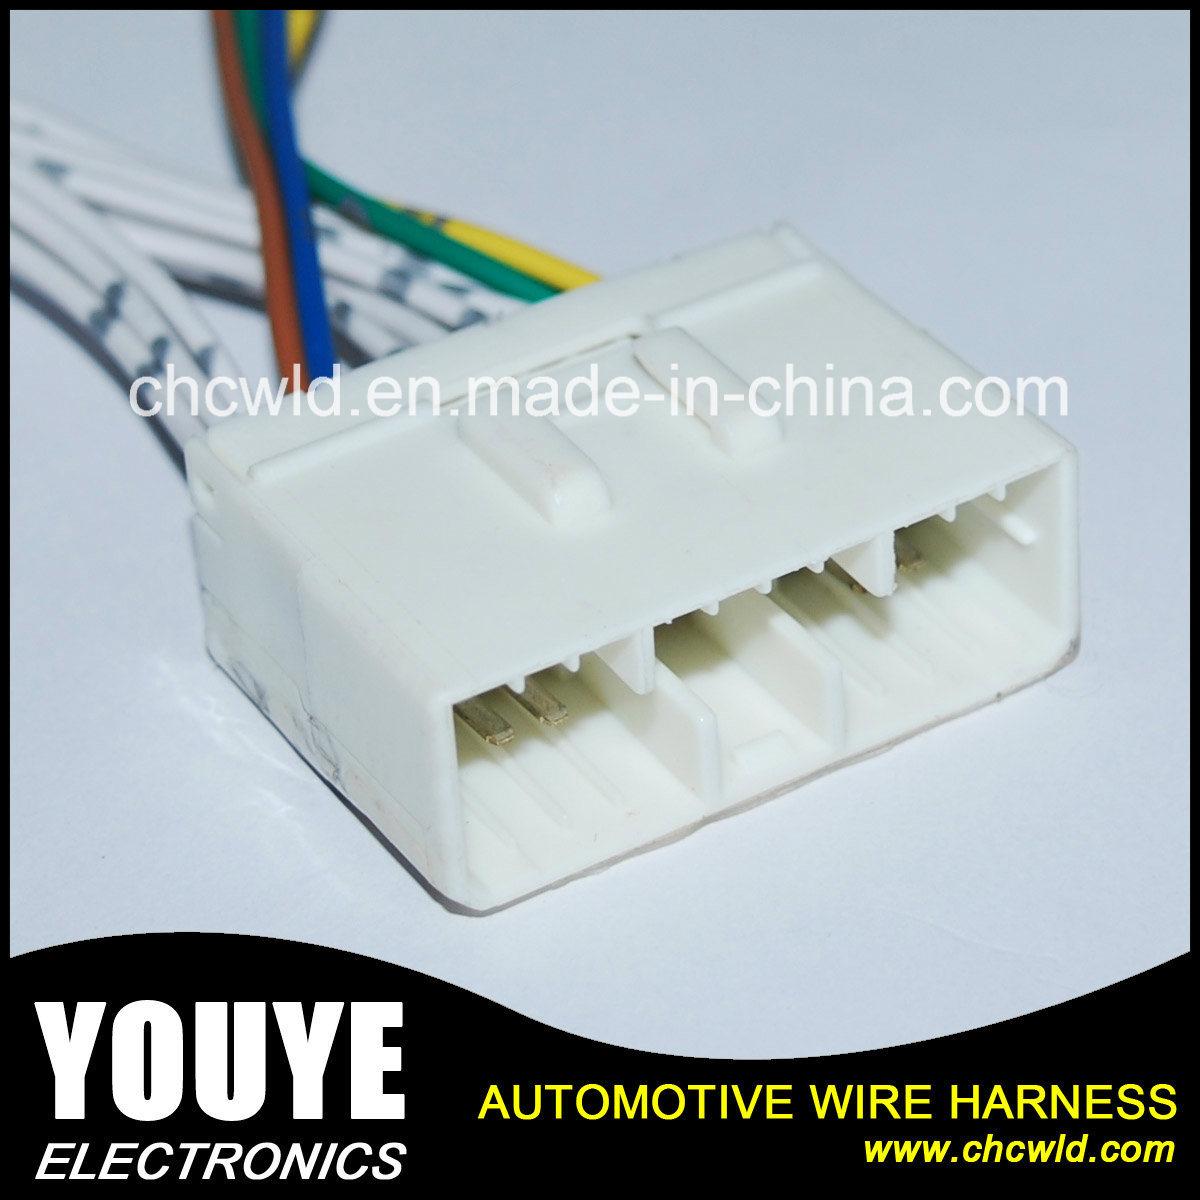 automotive power window wire harness for changan suzuki automotive power window wire harness for changan suzuki swift